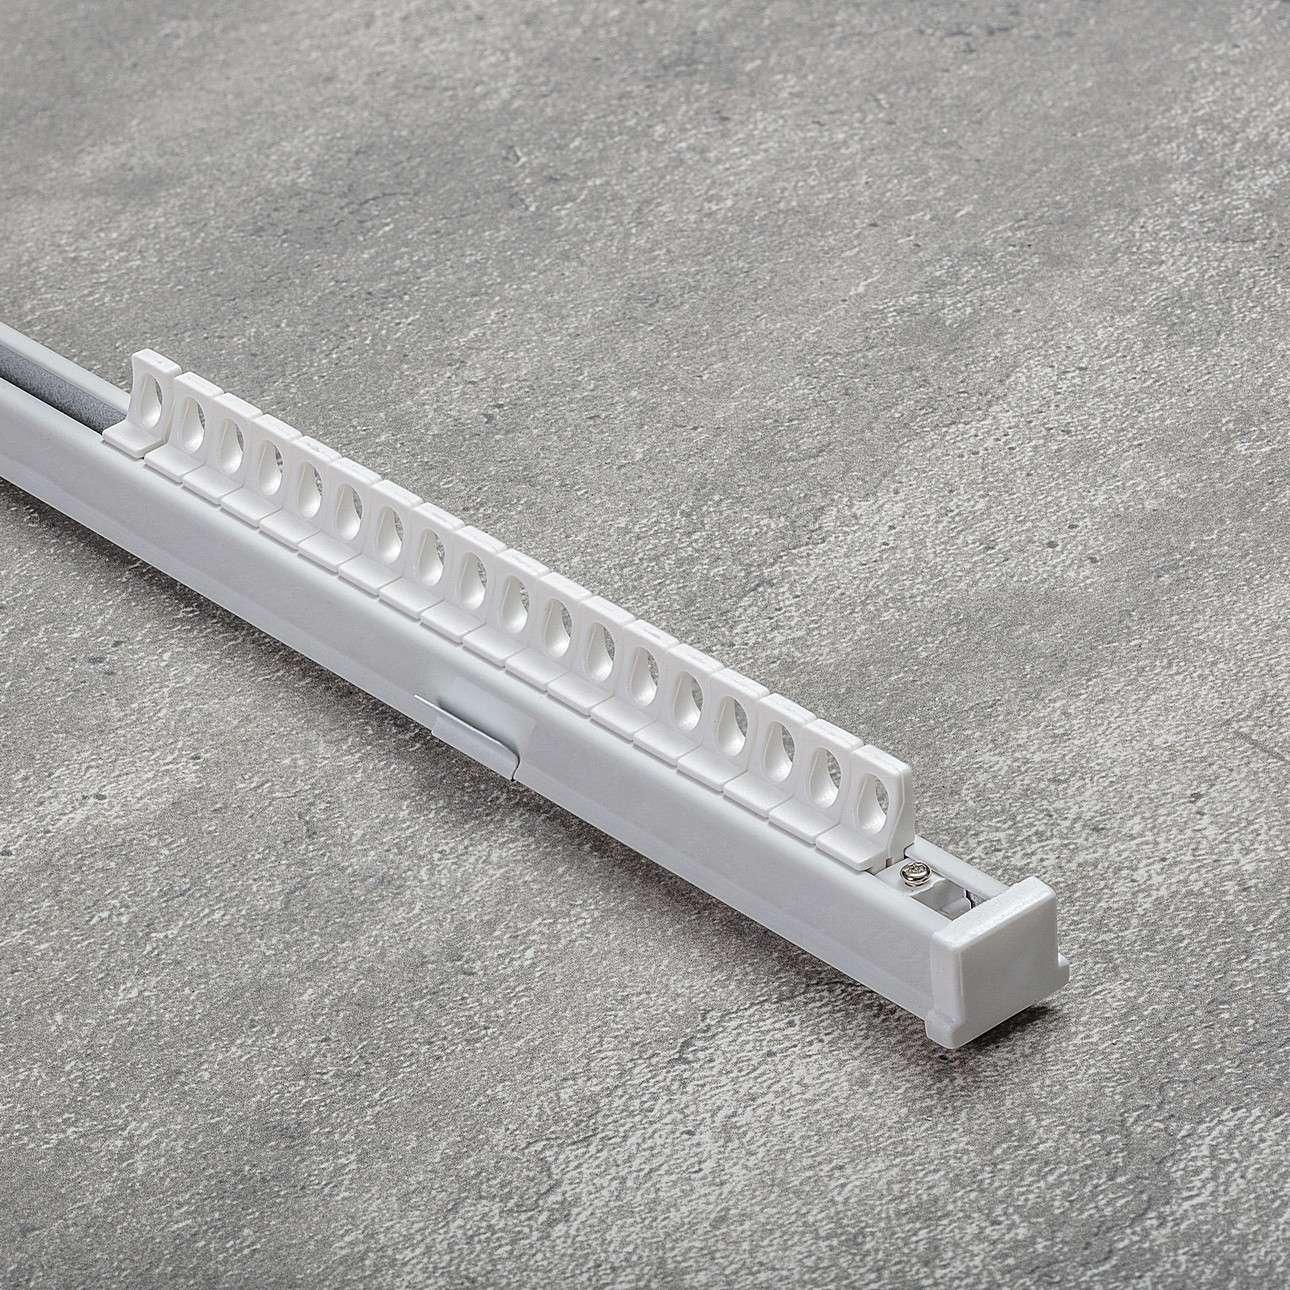 Komplet- szyna przysufitowa aluminiowa TS pojedyncza 150cm